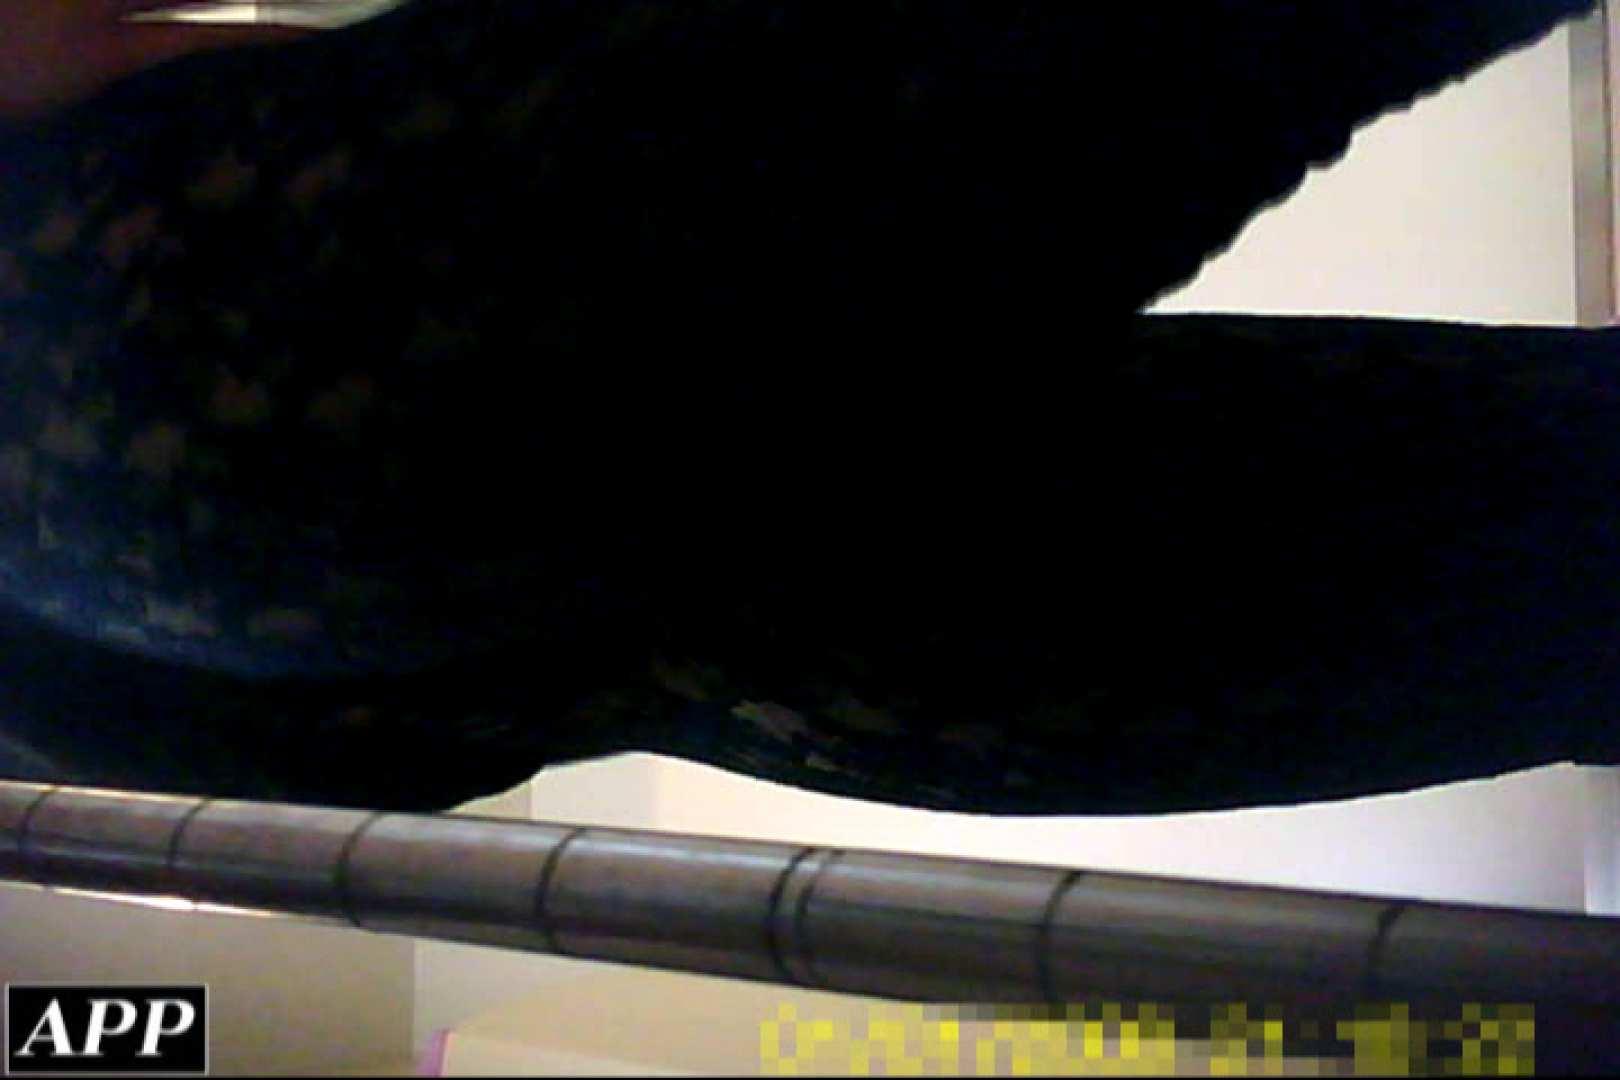 3視点洗面所 vol.108 肛門丸見え おめこ無修正動画無料 80pic 65